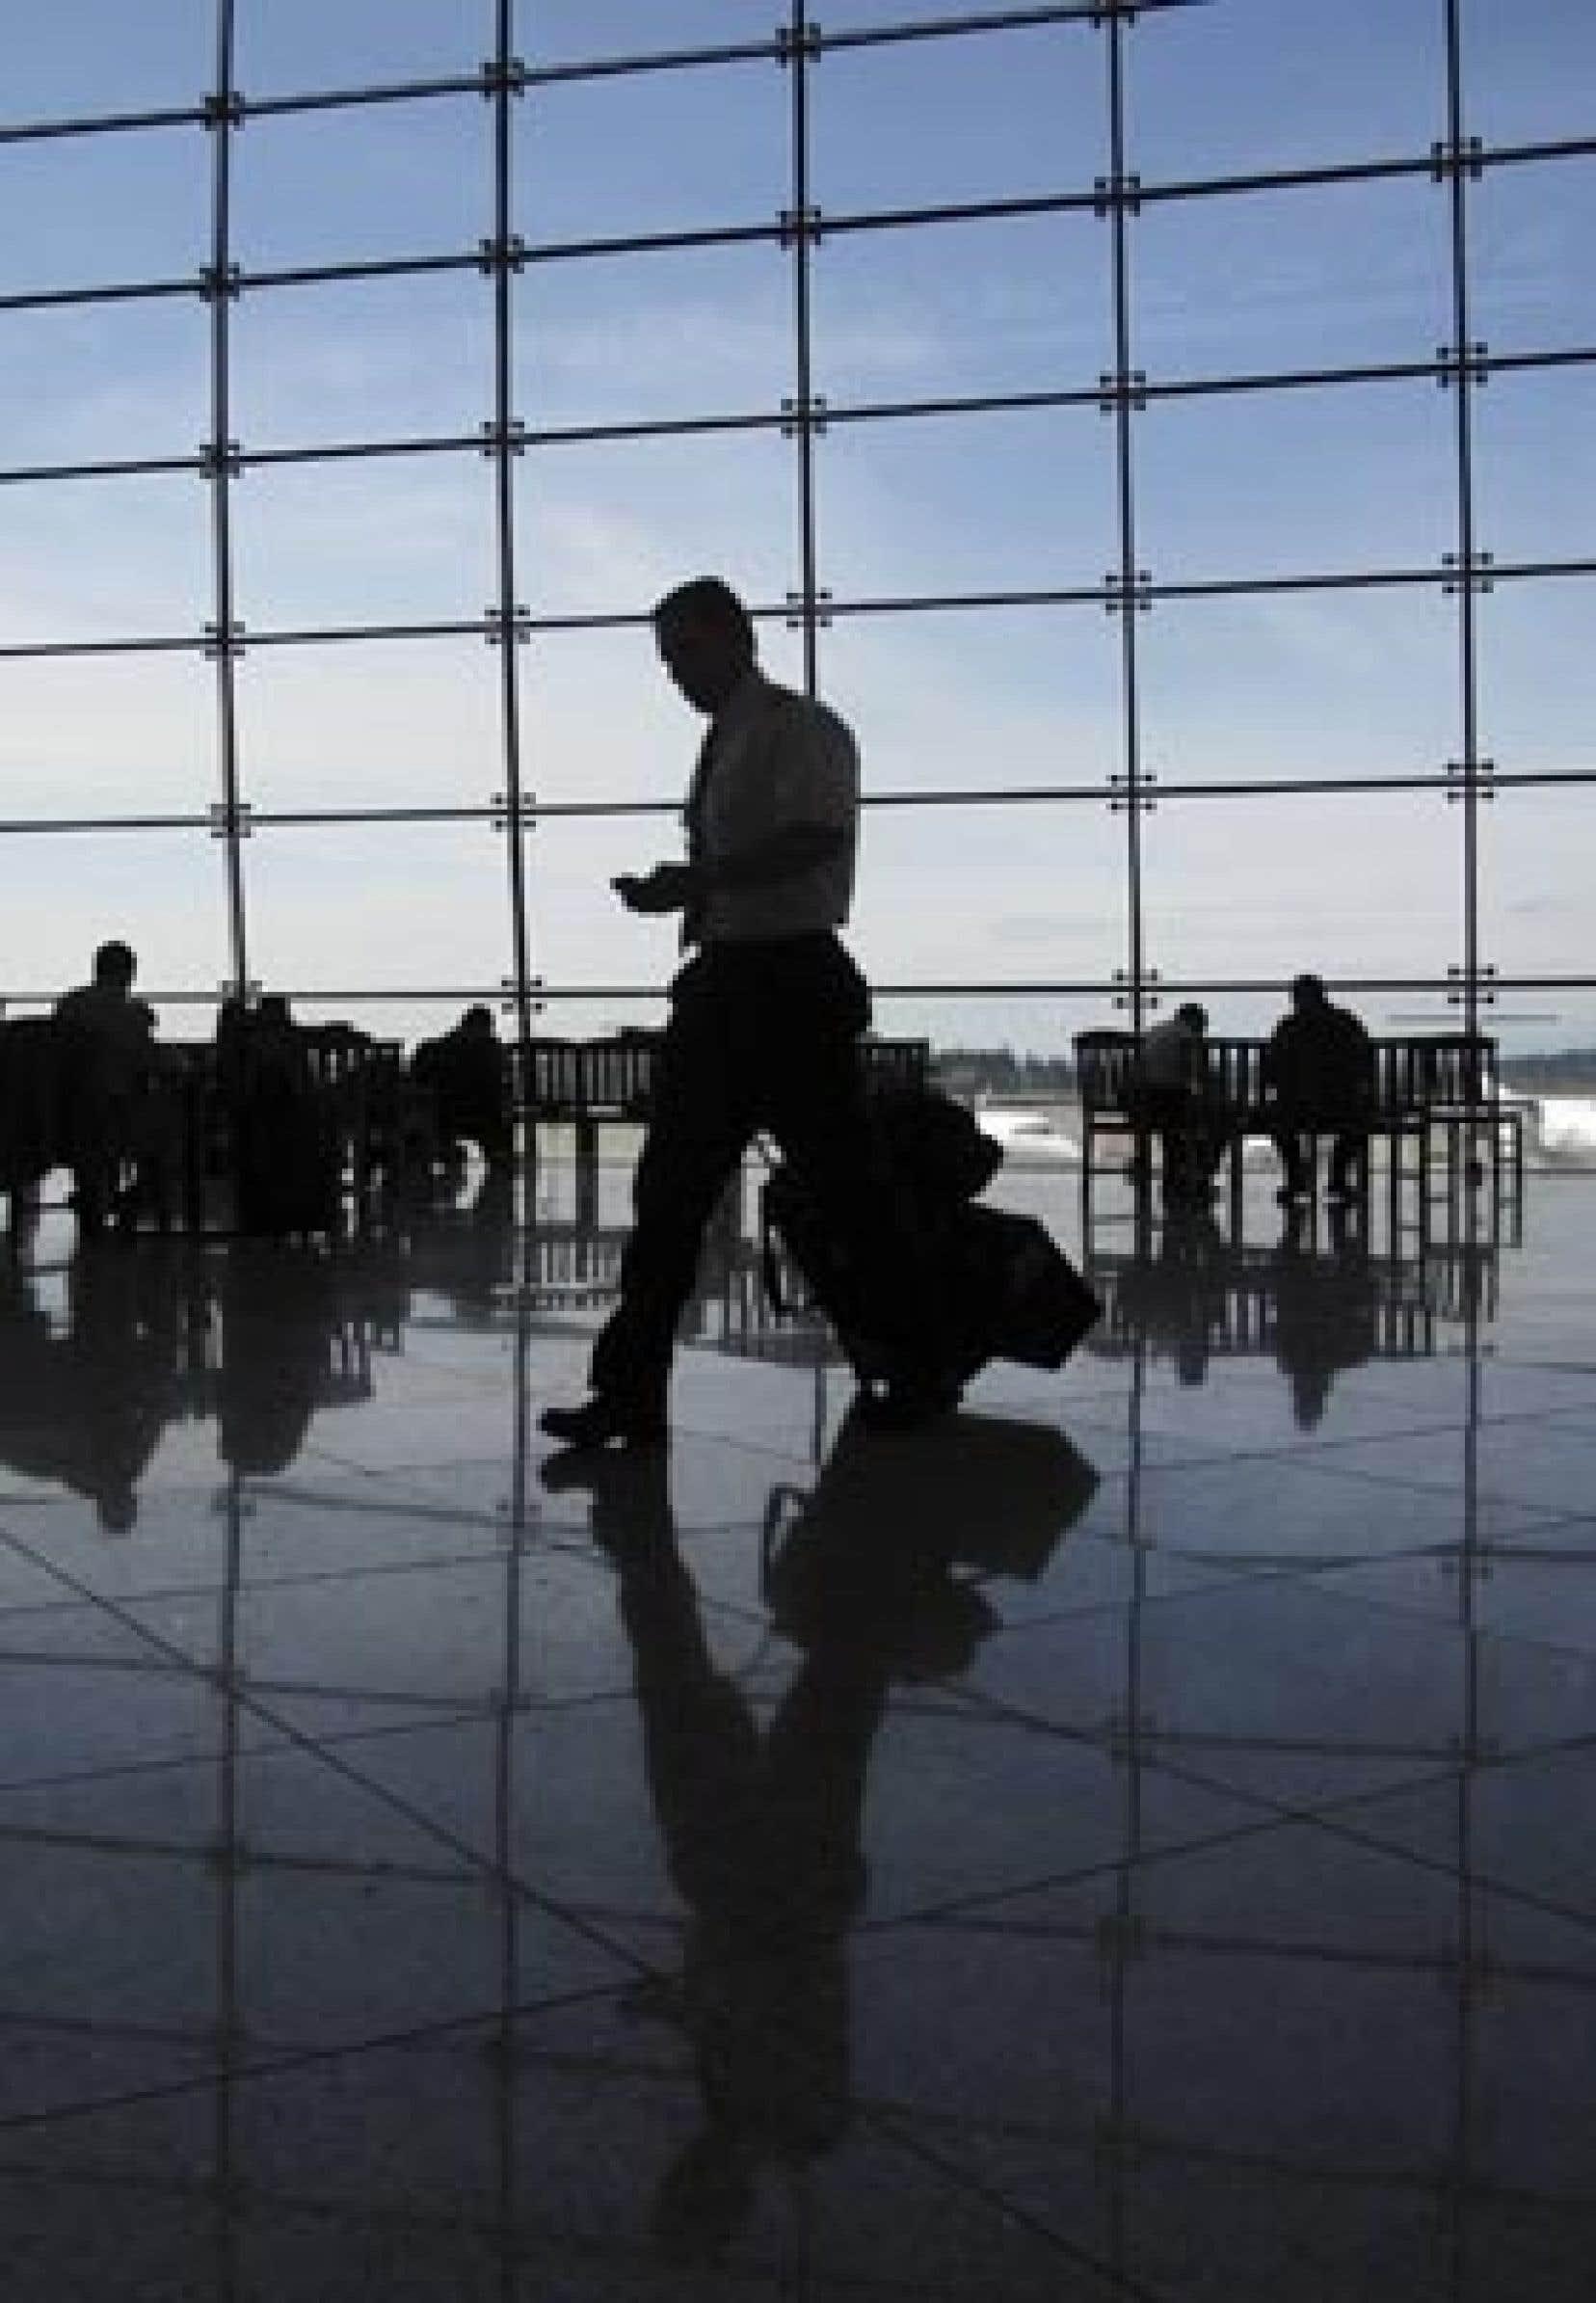 Selon l'Association internationale du transport aérien, les conséquences de la crise économique mondiale sont pires que celles engendrées en 2001 par les attentats terroristes du 11-Septembre aux États-Unis.